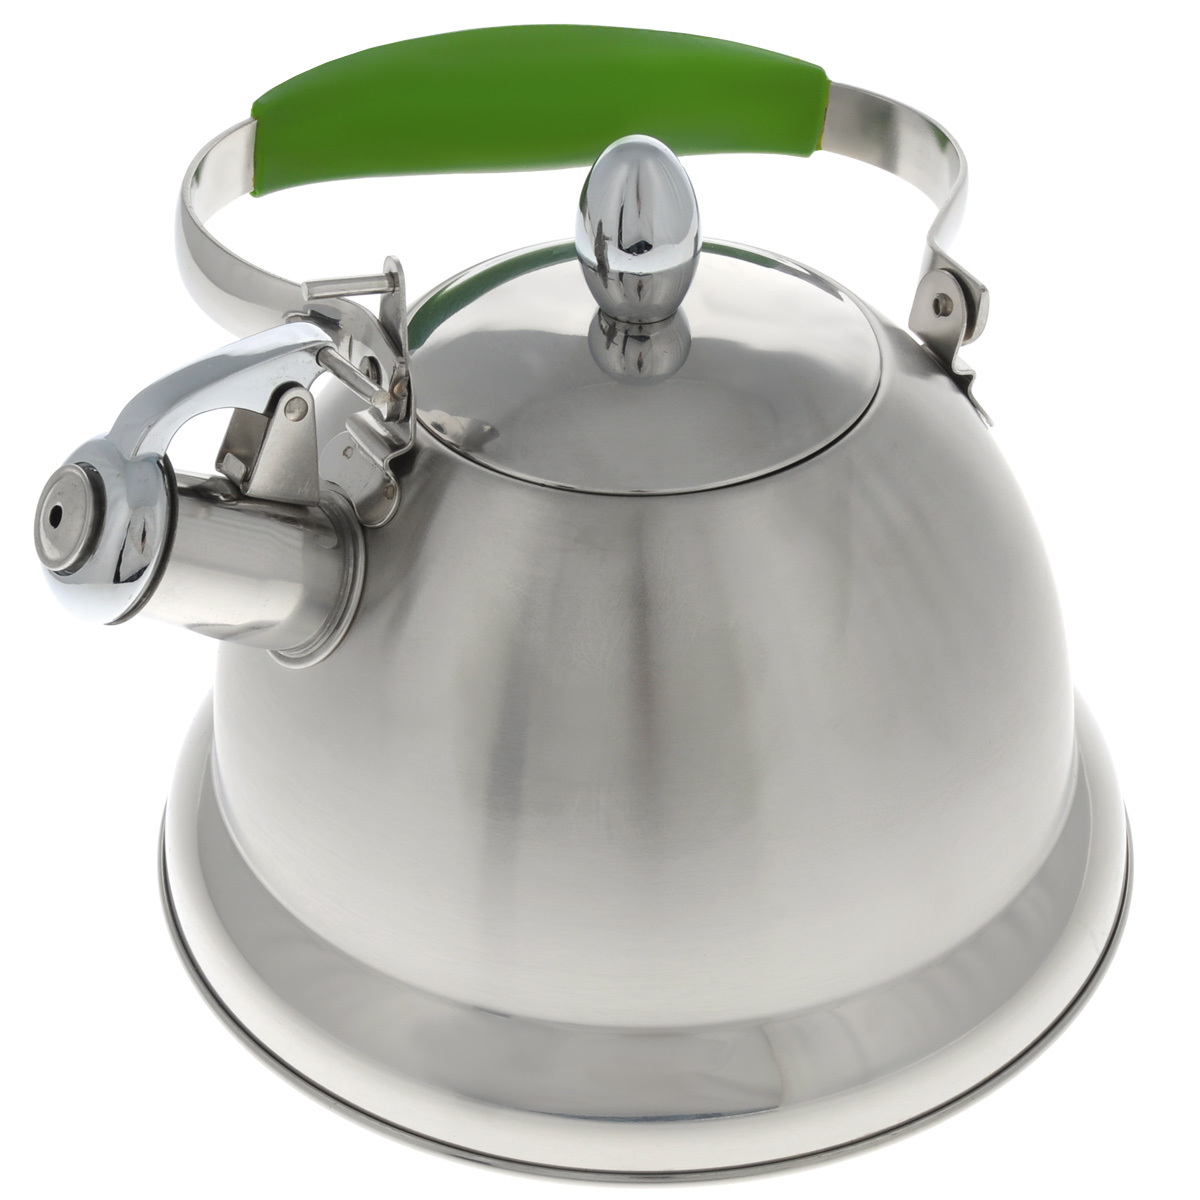 Чайник Mayer & Boch, со свистком, цвет: салатовый, стальной, 3 л. 2320623206_салатовый, стальнойЧайник Mayer & Boch выполнен извысококачественной нержавеющей стали,что обеспечивает долговечность использования.Сочетание матовой и глянцевой поверхностипридает посуде эстетичный внешний вид. Ручкаоснащена силиконовой вставкой дляпредотвращения ожогов на руках. Чайникснабжен свистком и устройством для открыванияносика.Можно мыть в посудомоечной машине. Пригодендля газовой, электрической,стеклокерамической, галогеновой плиты.Диаметр (по верхнему краю): 10 см.Высота чайника (без учета крышки и ручки): 14см. Диаметр основания: 22 см.